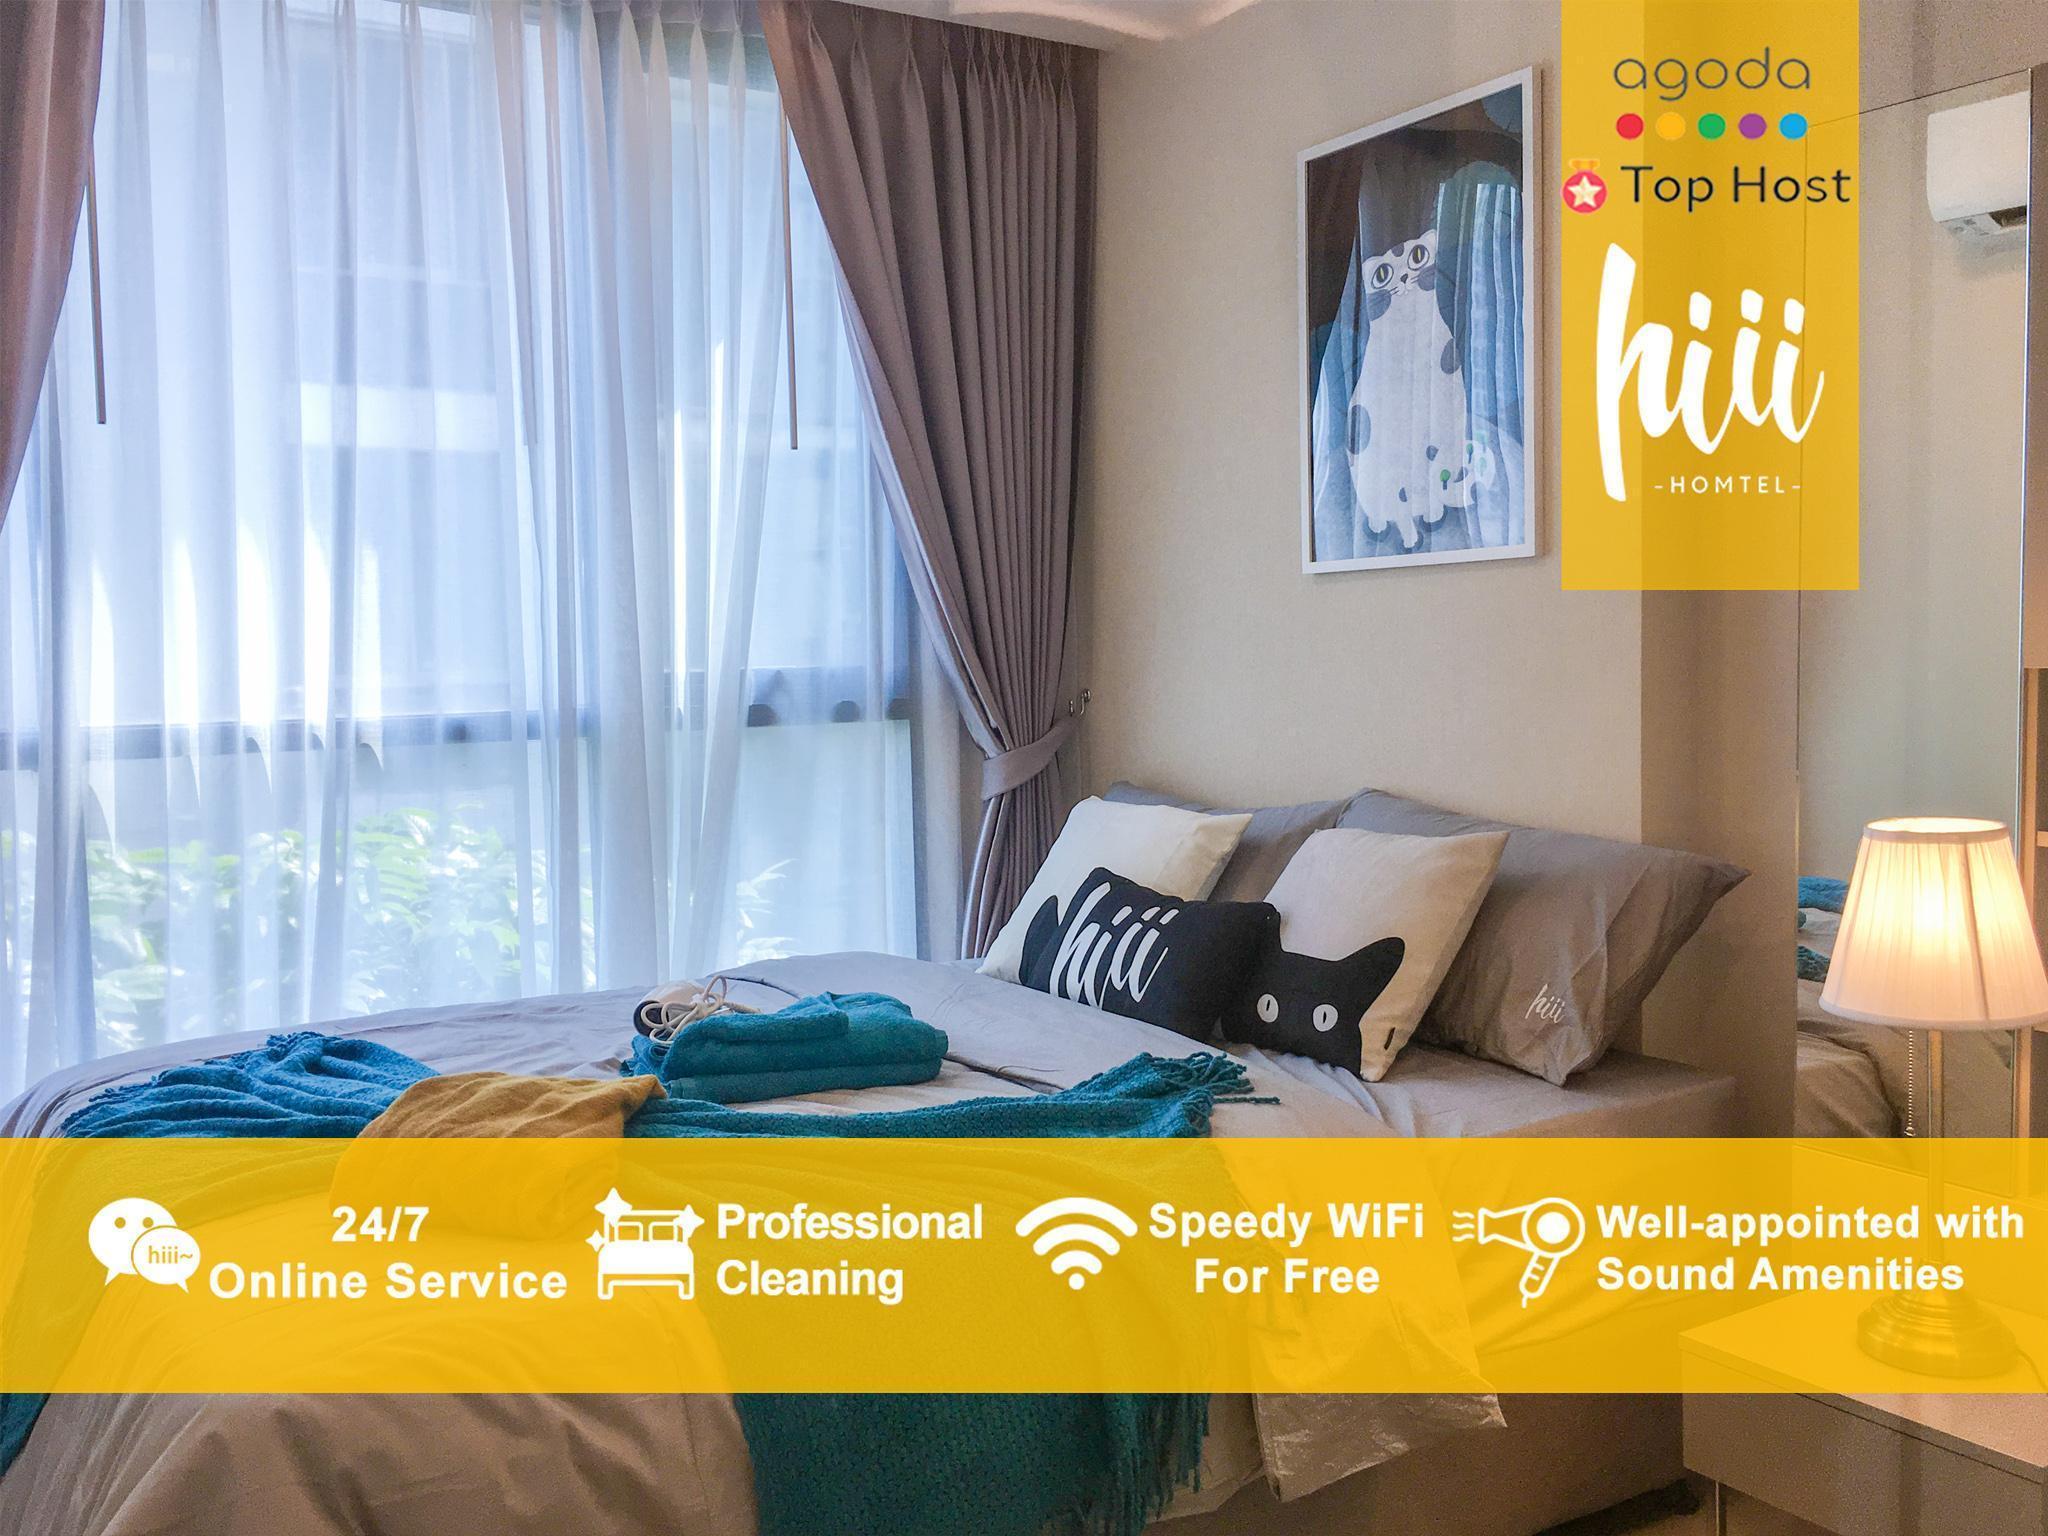 【hiii】Green Pool❤BTS·ThongLo/Japanese area-BKK141 อพาร์ตเมนต์ 1 ห้องนอน 1 ห้องน้ำส่วนตัว ขนาด 29 ตร.ม. – สุขุมวิท